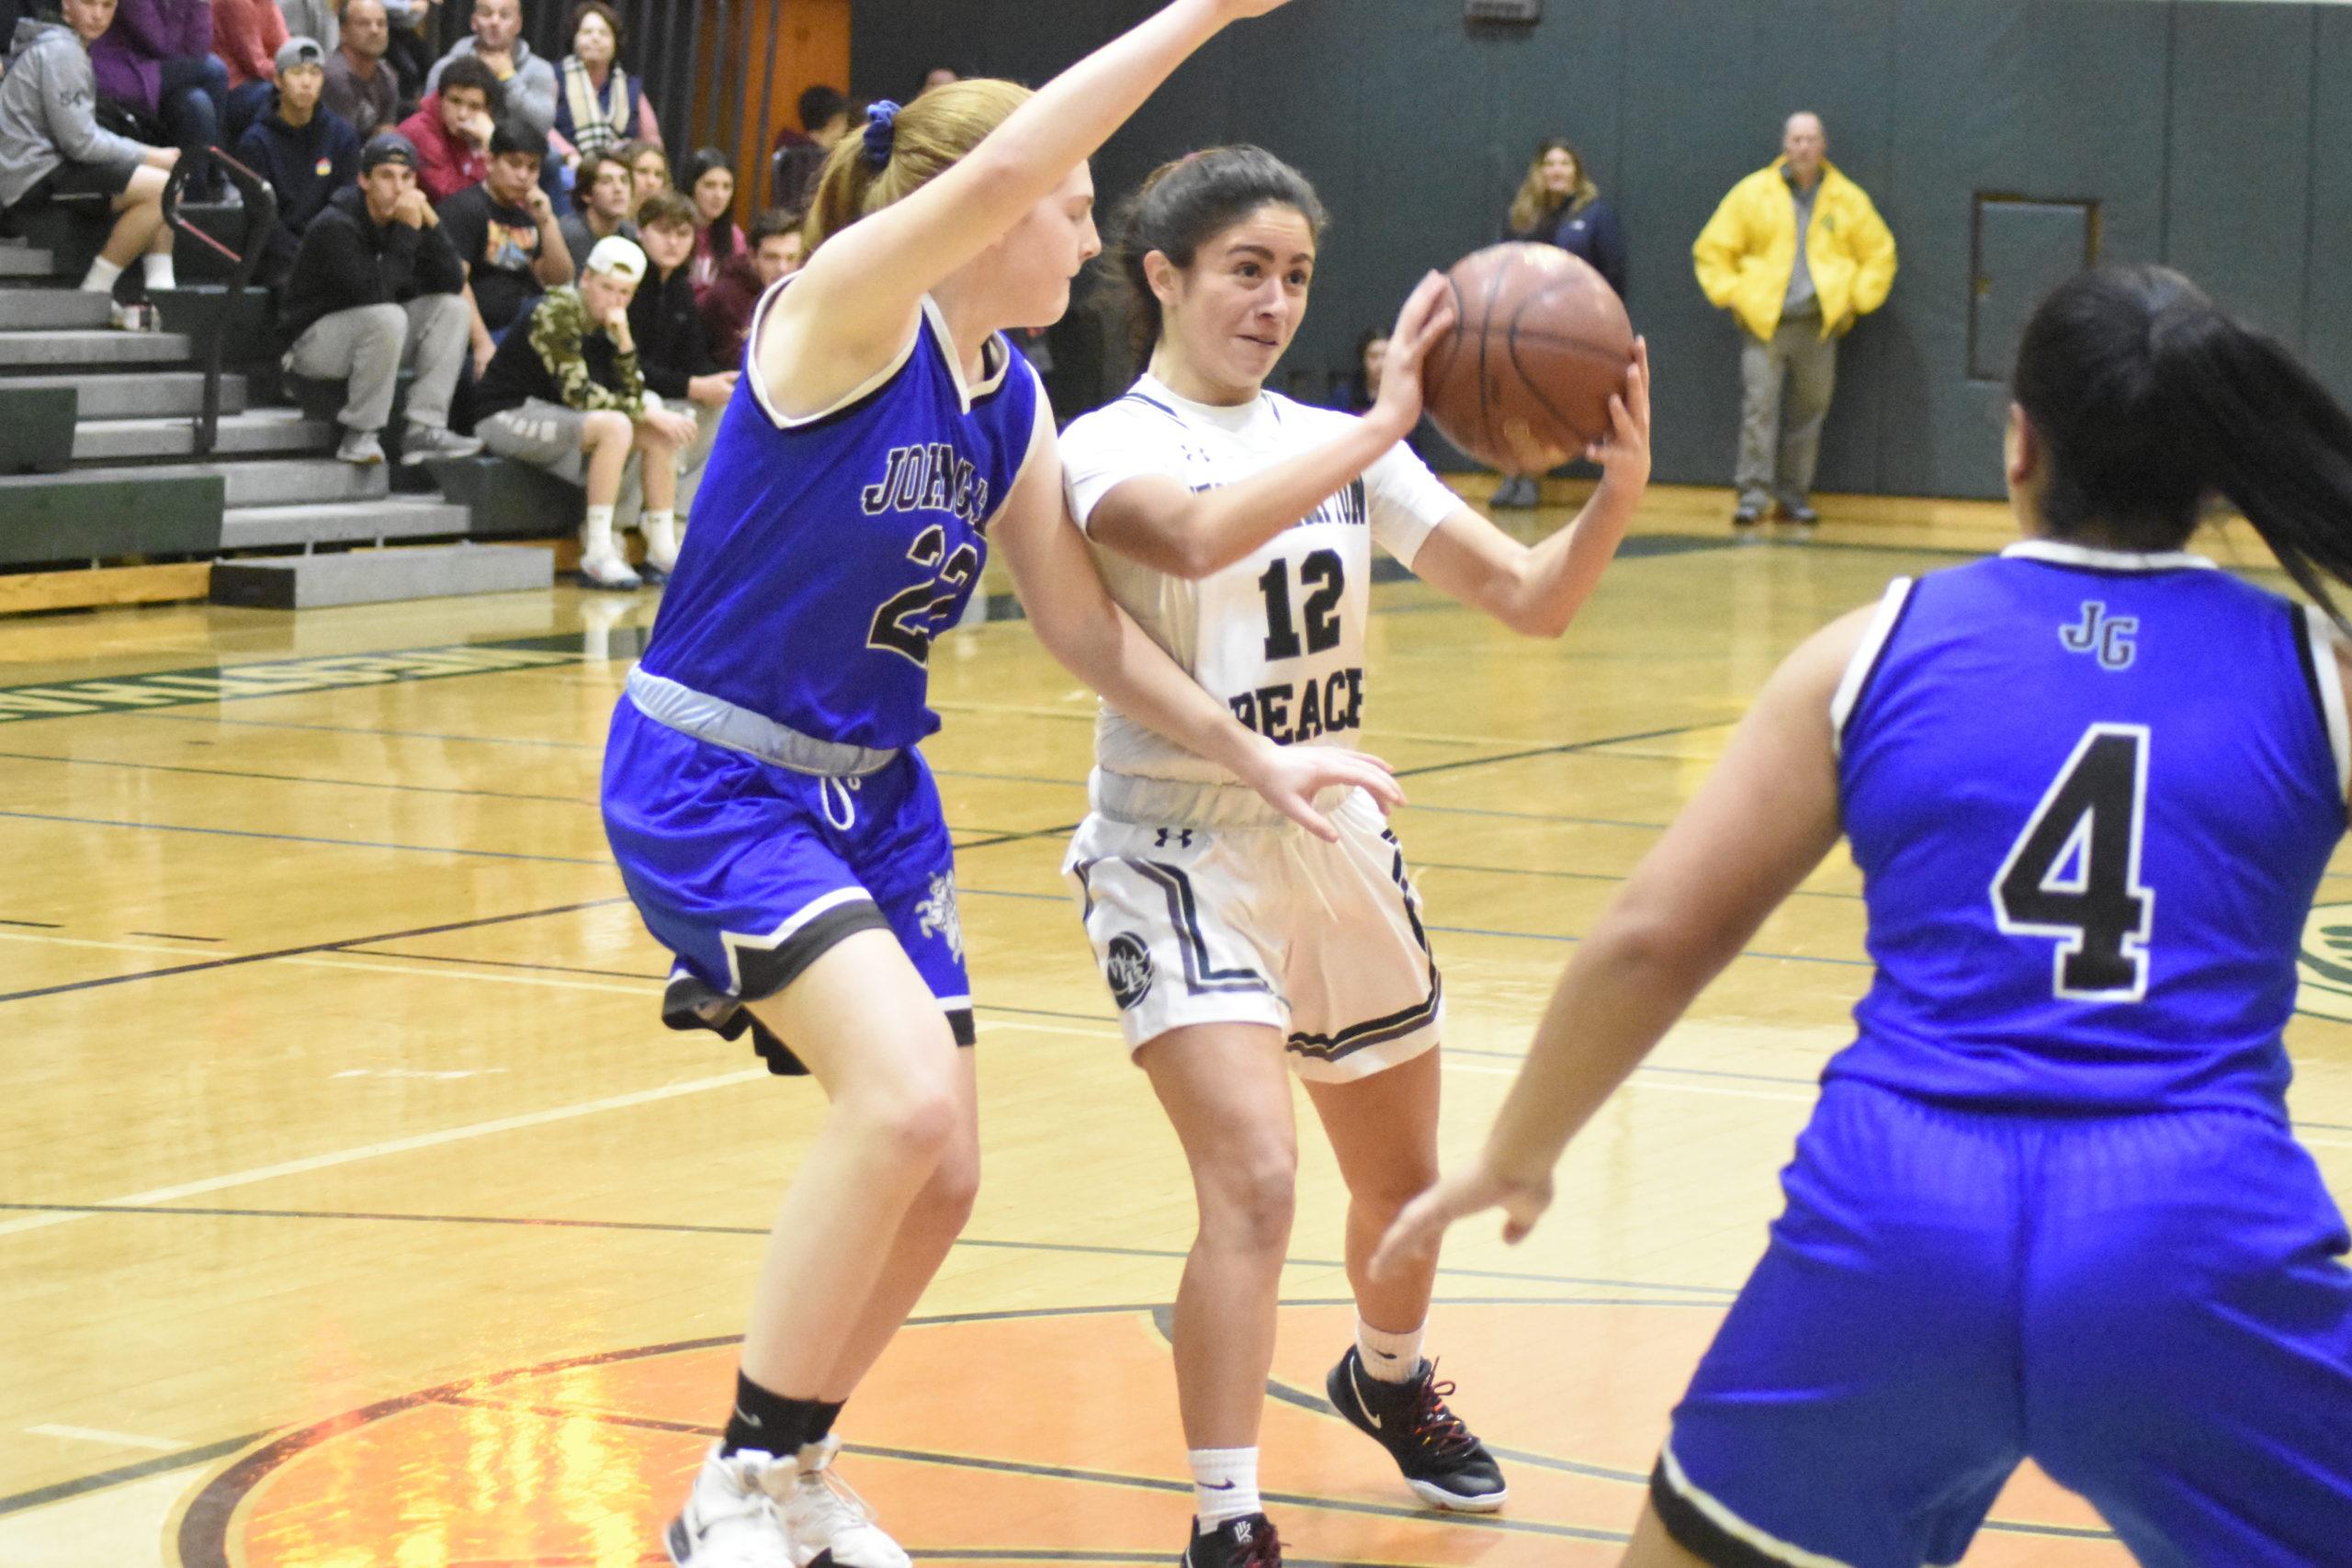 Westhampton Beach junior Amanda White passes the ball.